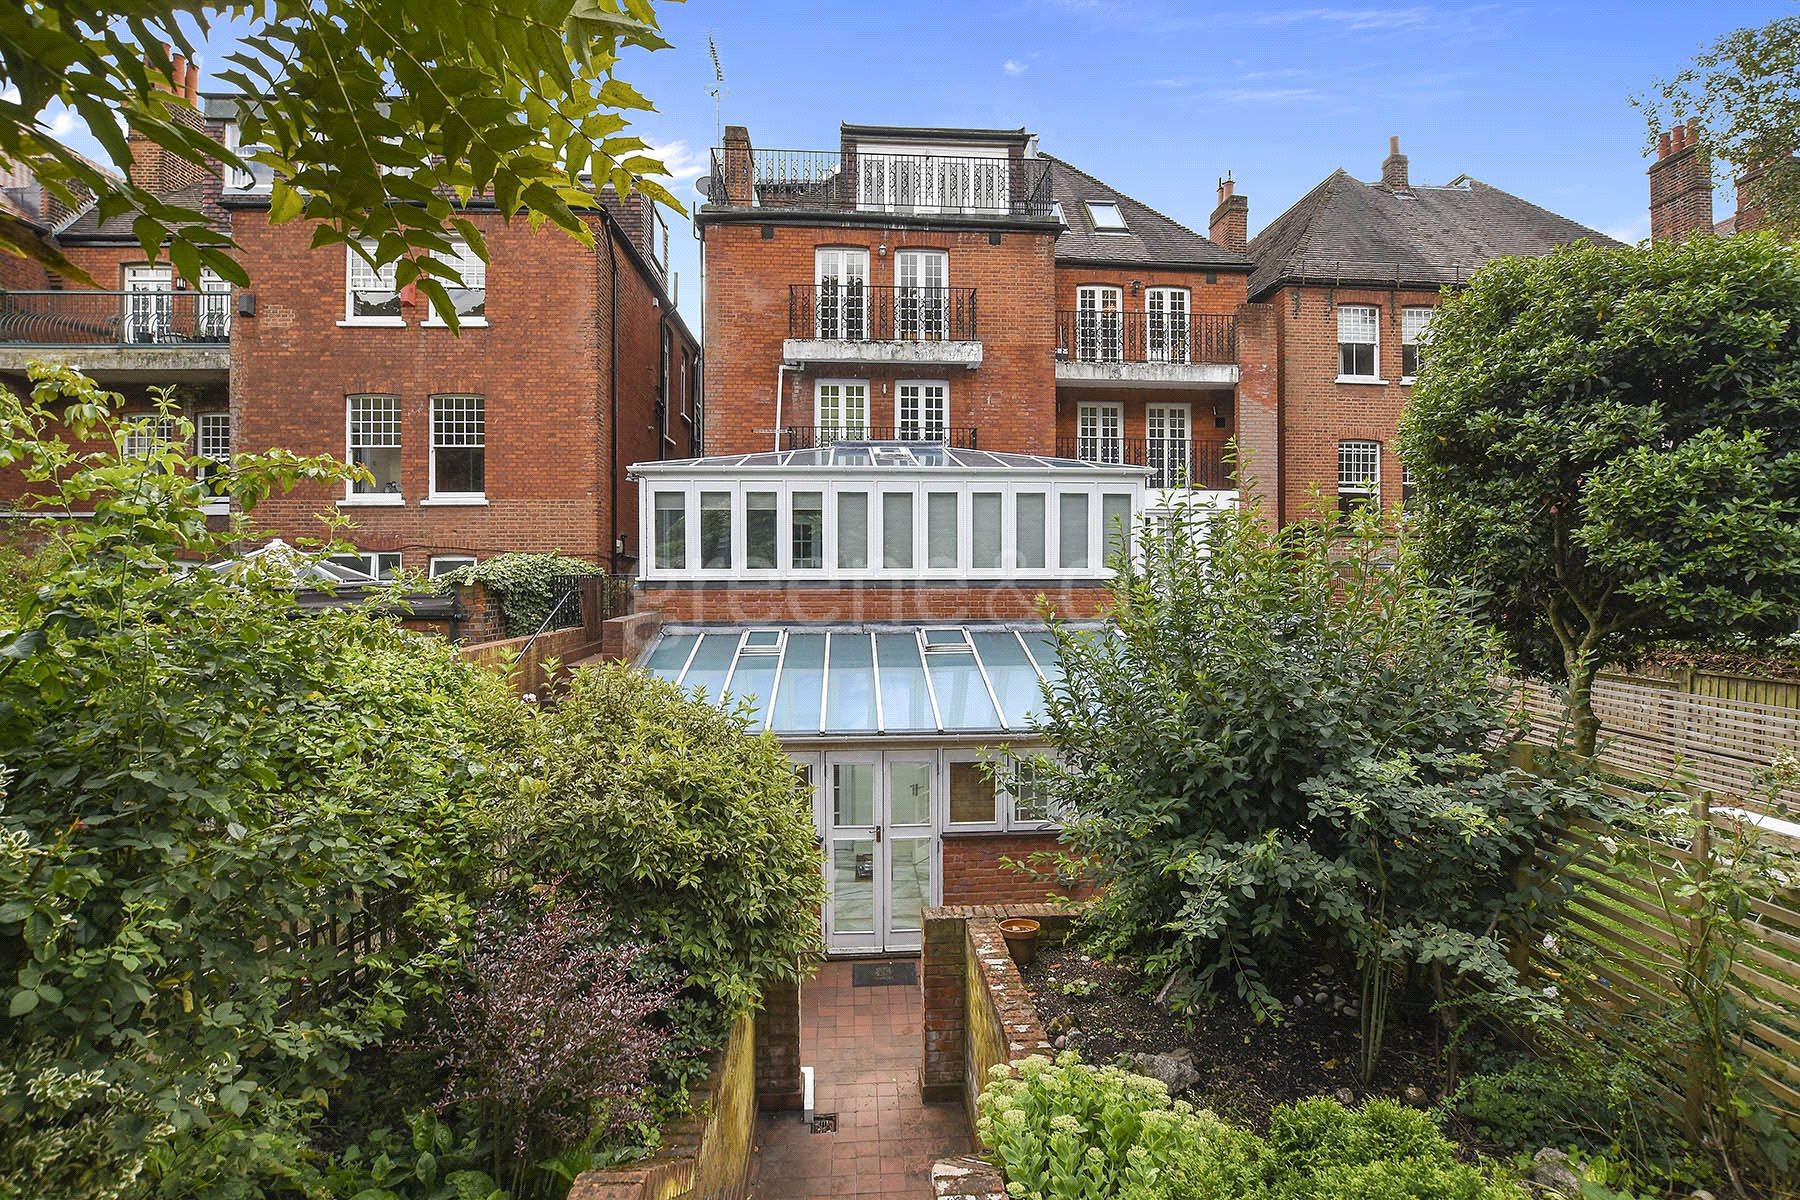 3 Bedrooms Flat for sale in Wedderburn Road, Hampstead, London, NW3